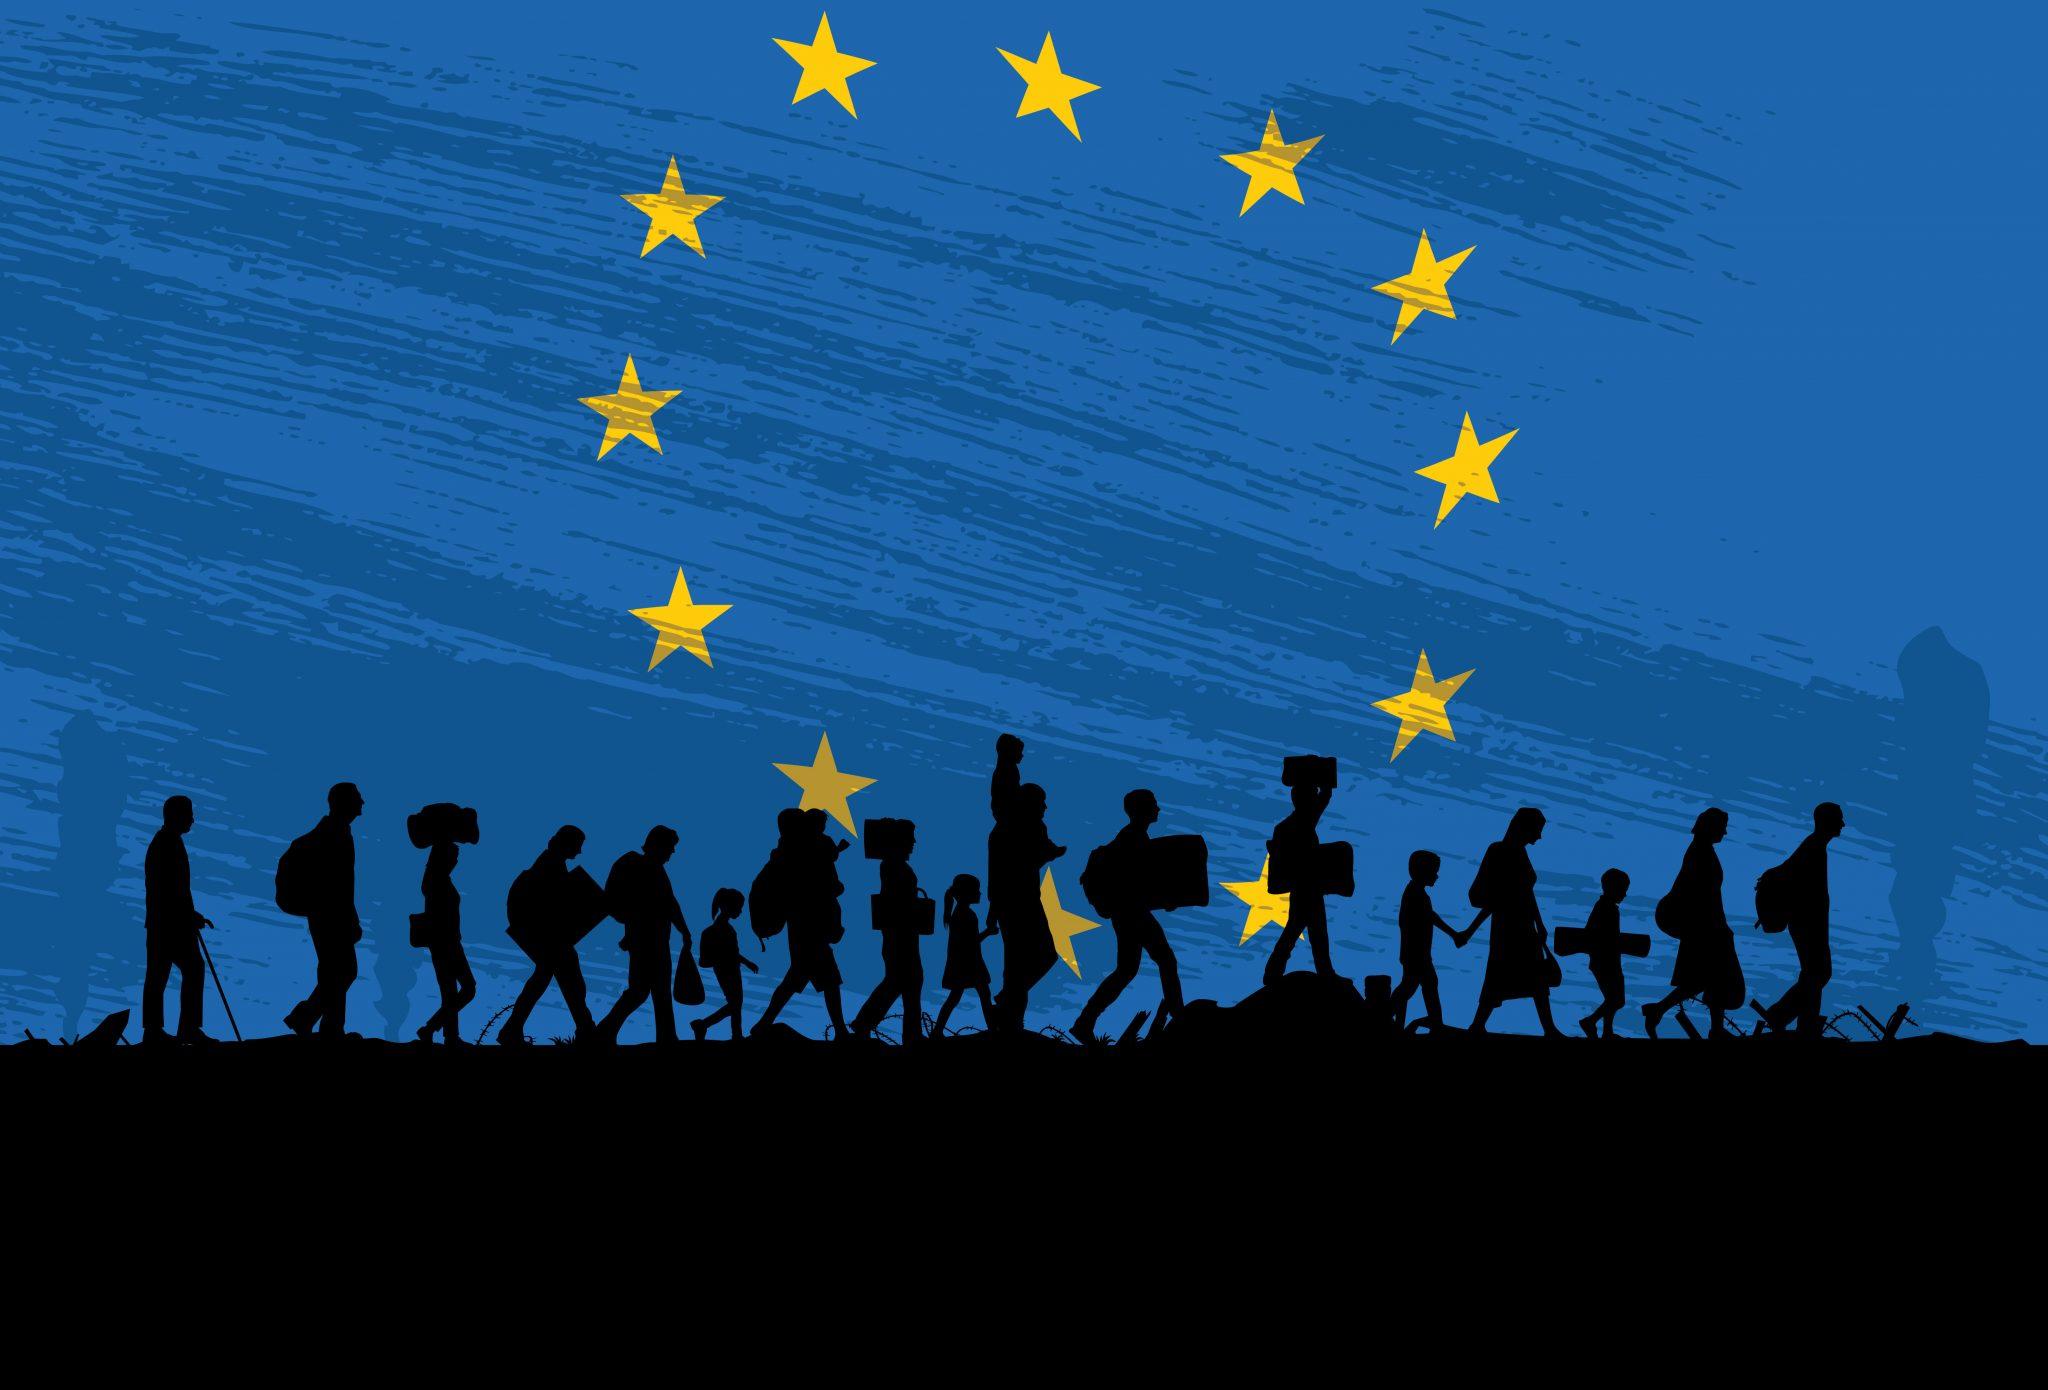 صورة كورونا يسلب من الاتحاد الأوروبي أهم انجازاته التاريخية